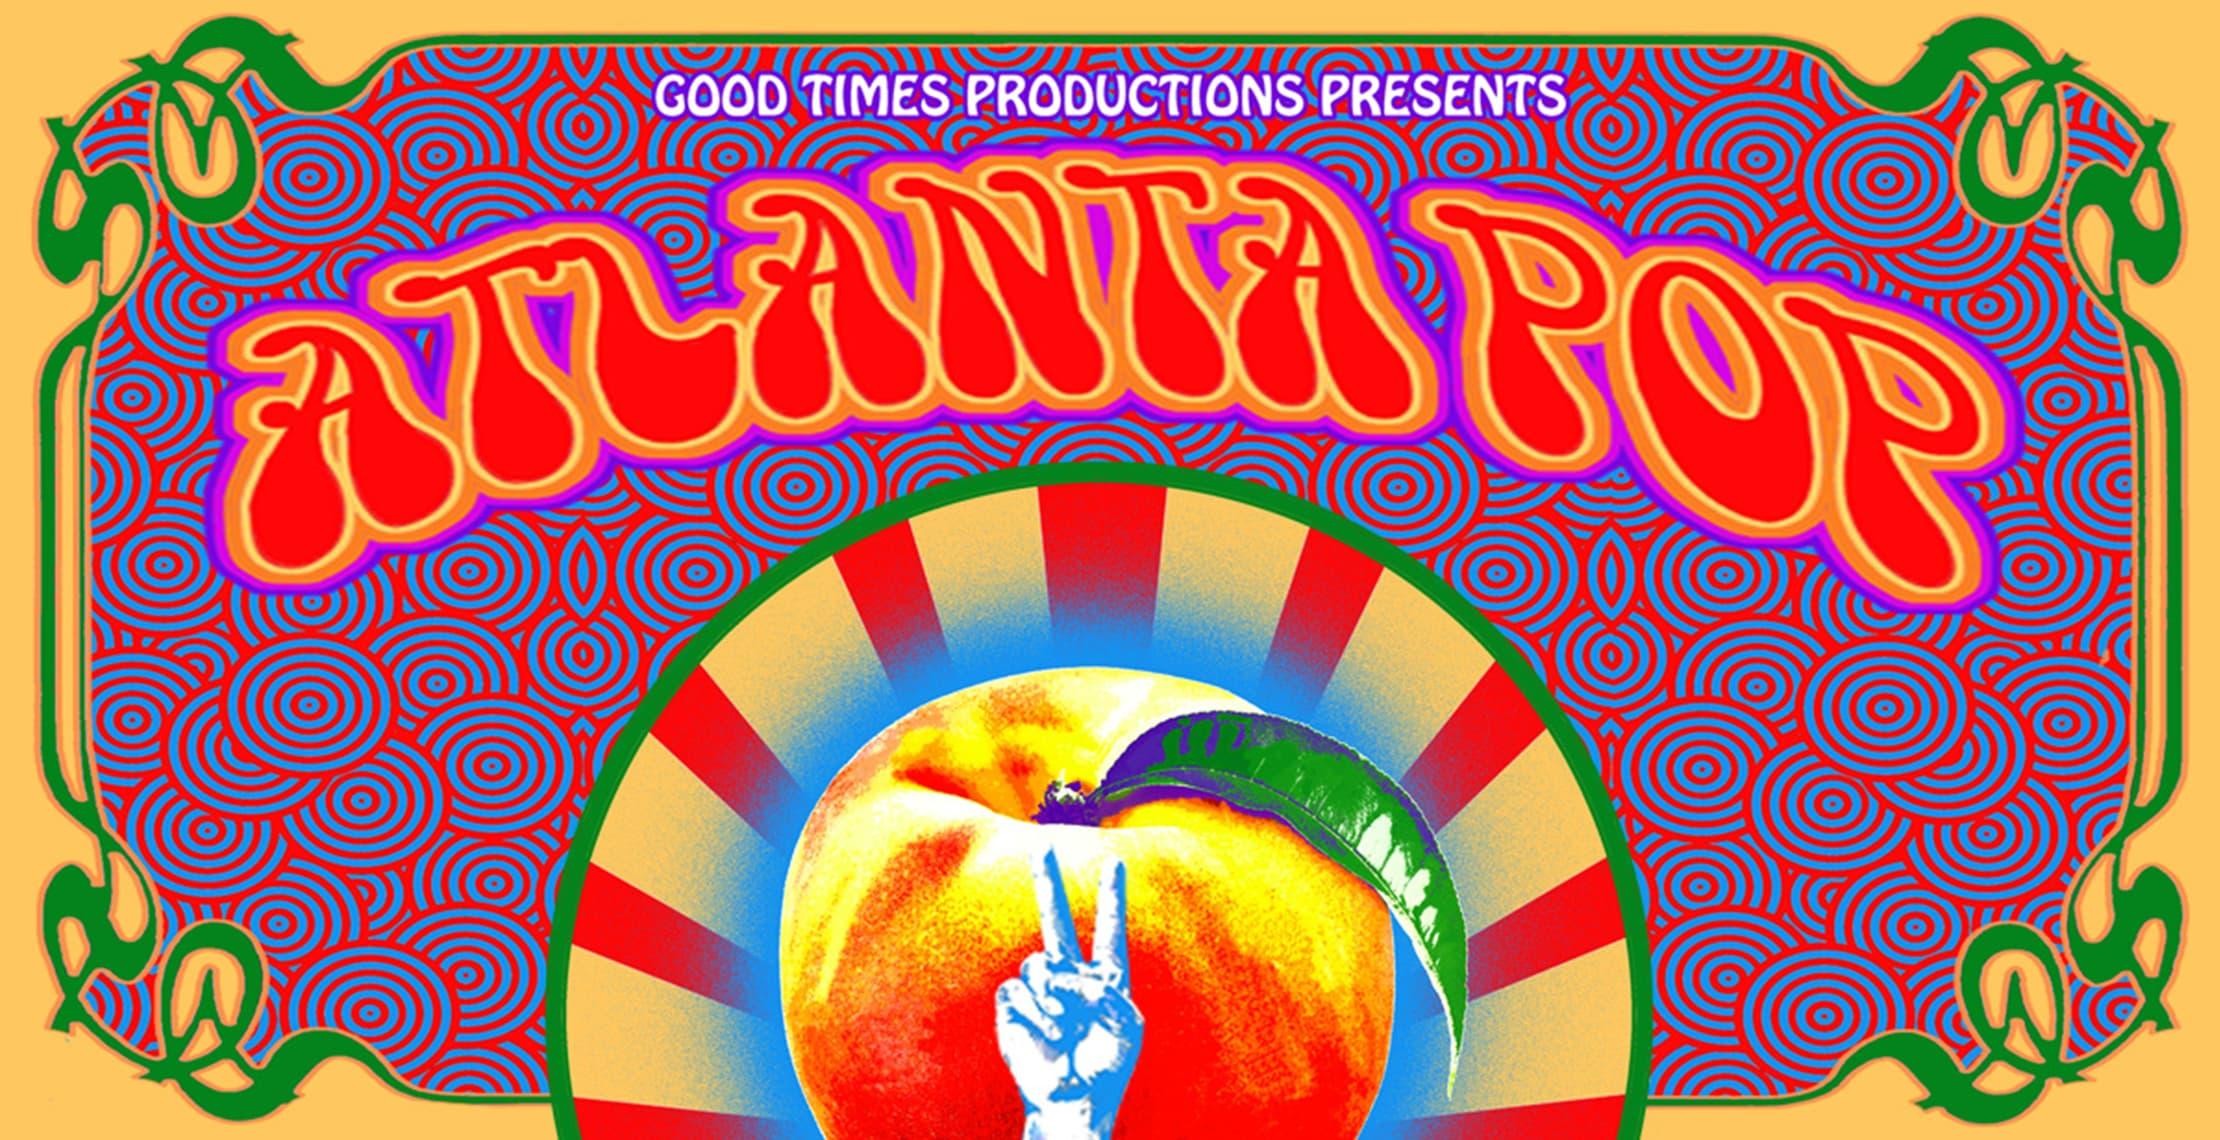 Atlanta Pop: Celebrating the 50th Anniv. of the Atlanta Int'l Pop Festival